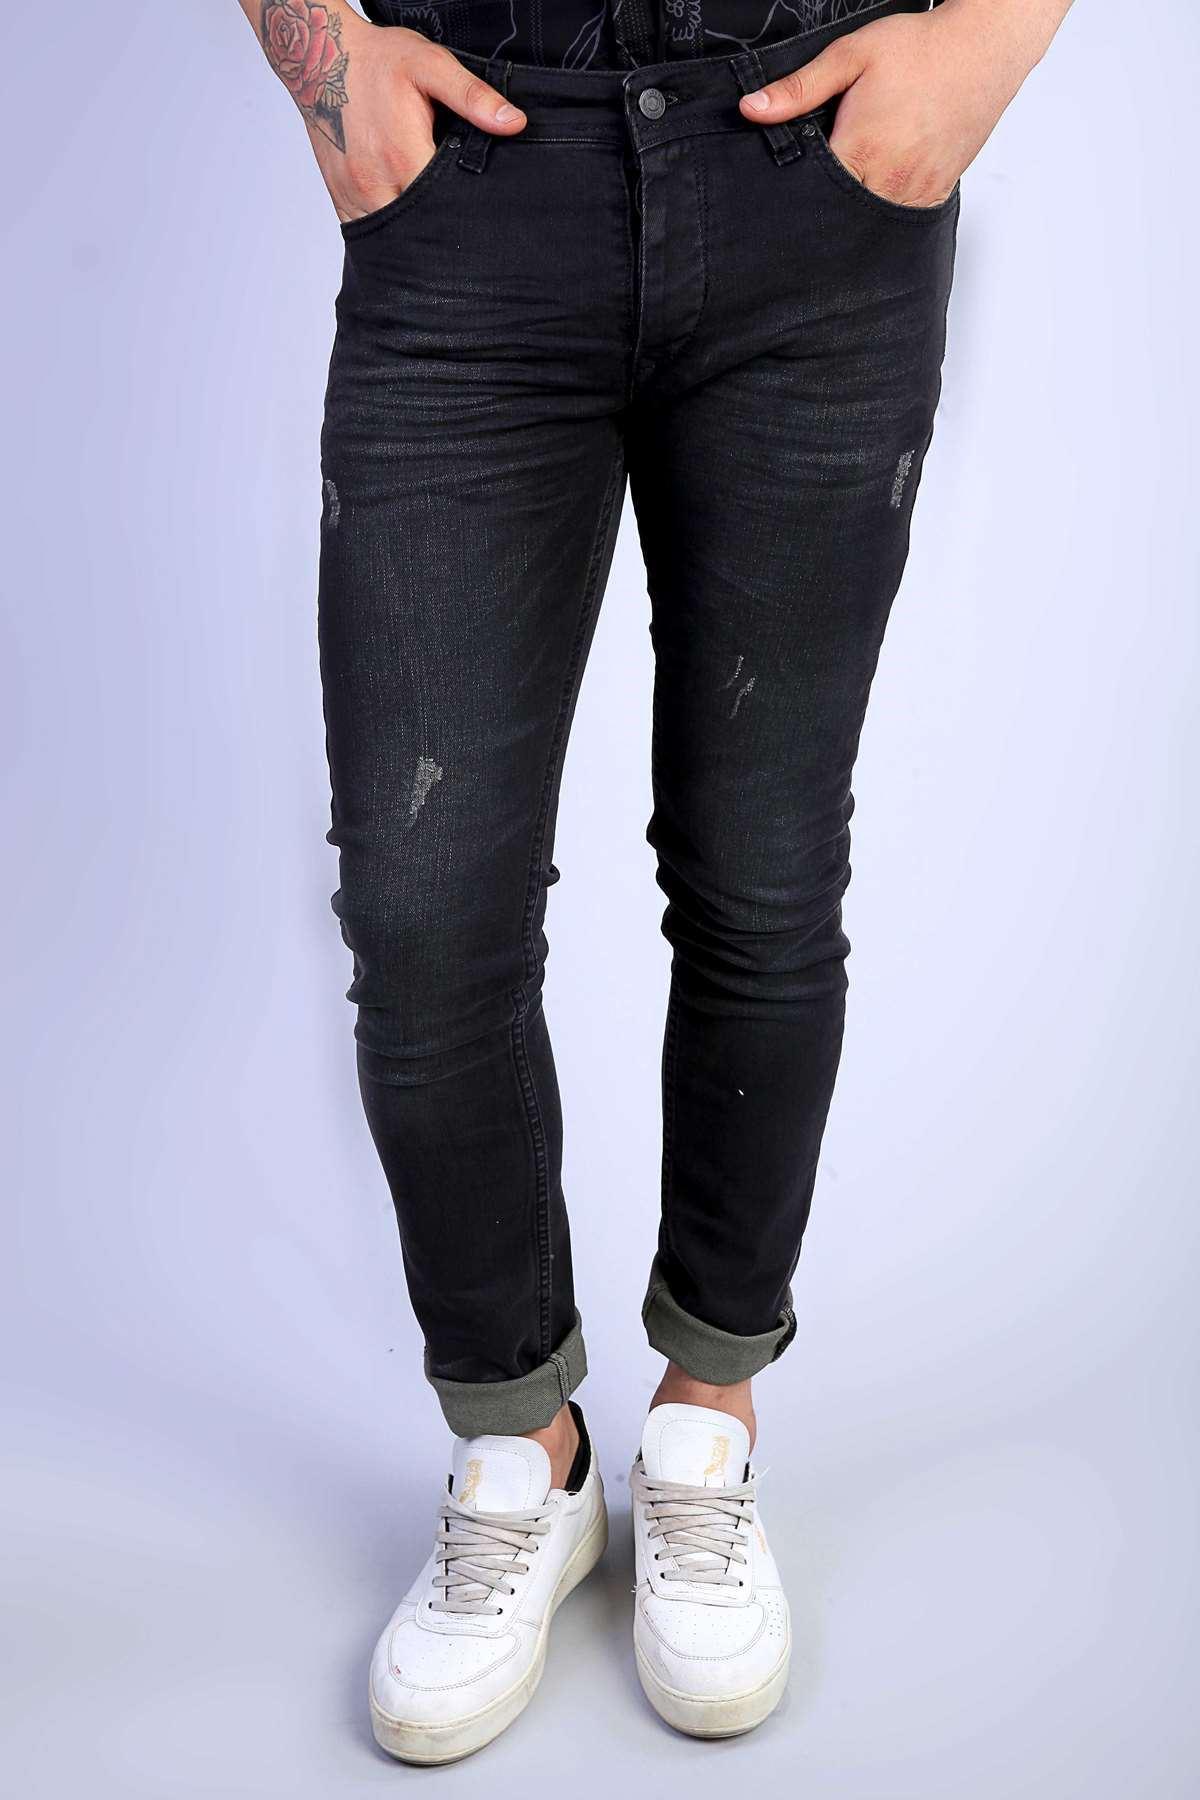 Klinkırlı Lazer Tırtıklı Slim Fit Kot Pantolon Antrasit